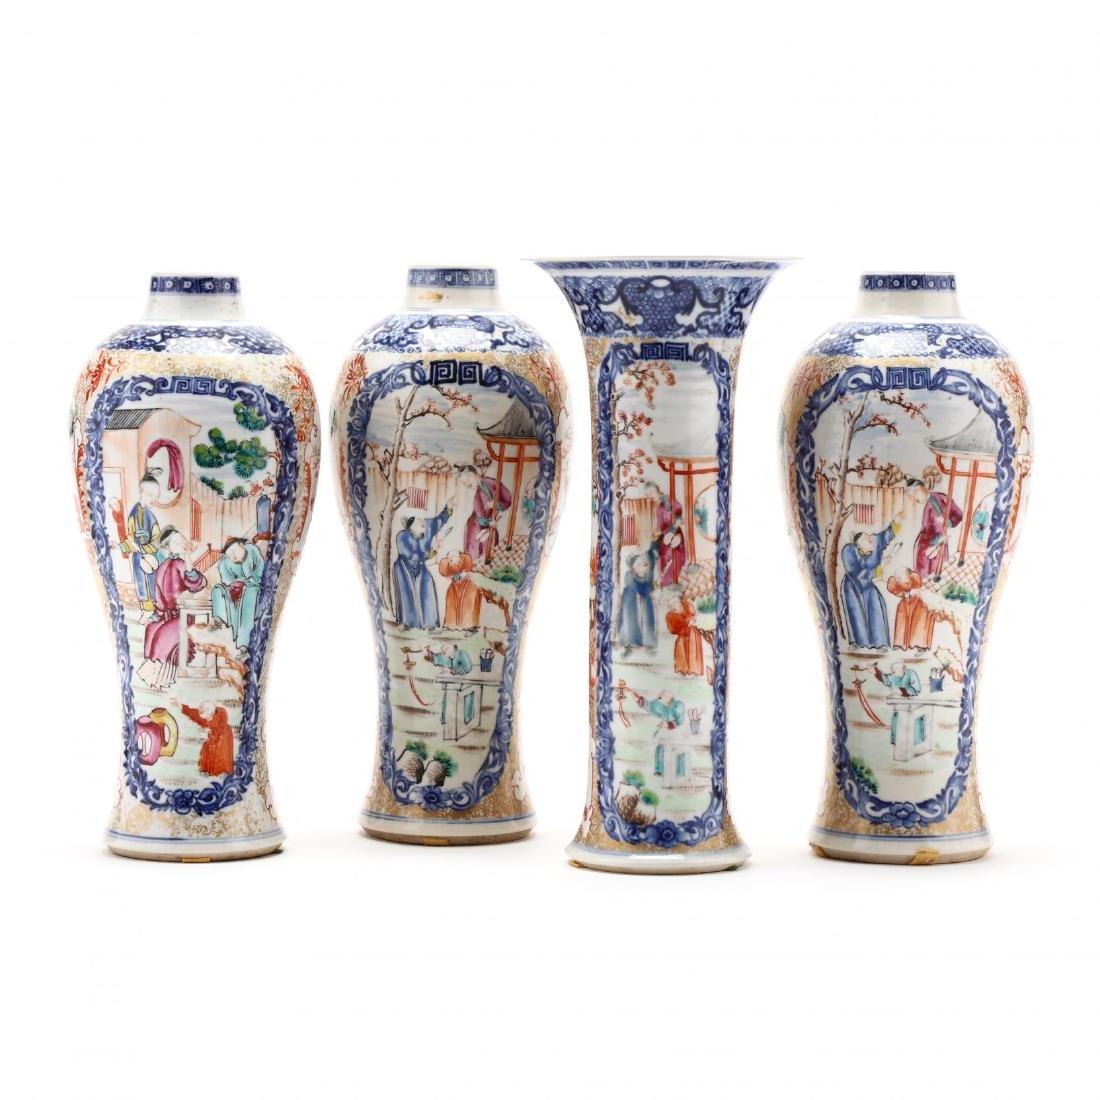 A Chinese Porcelain Mandarin Garniture Set